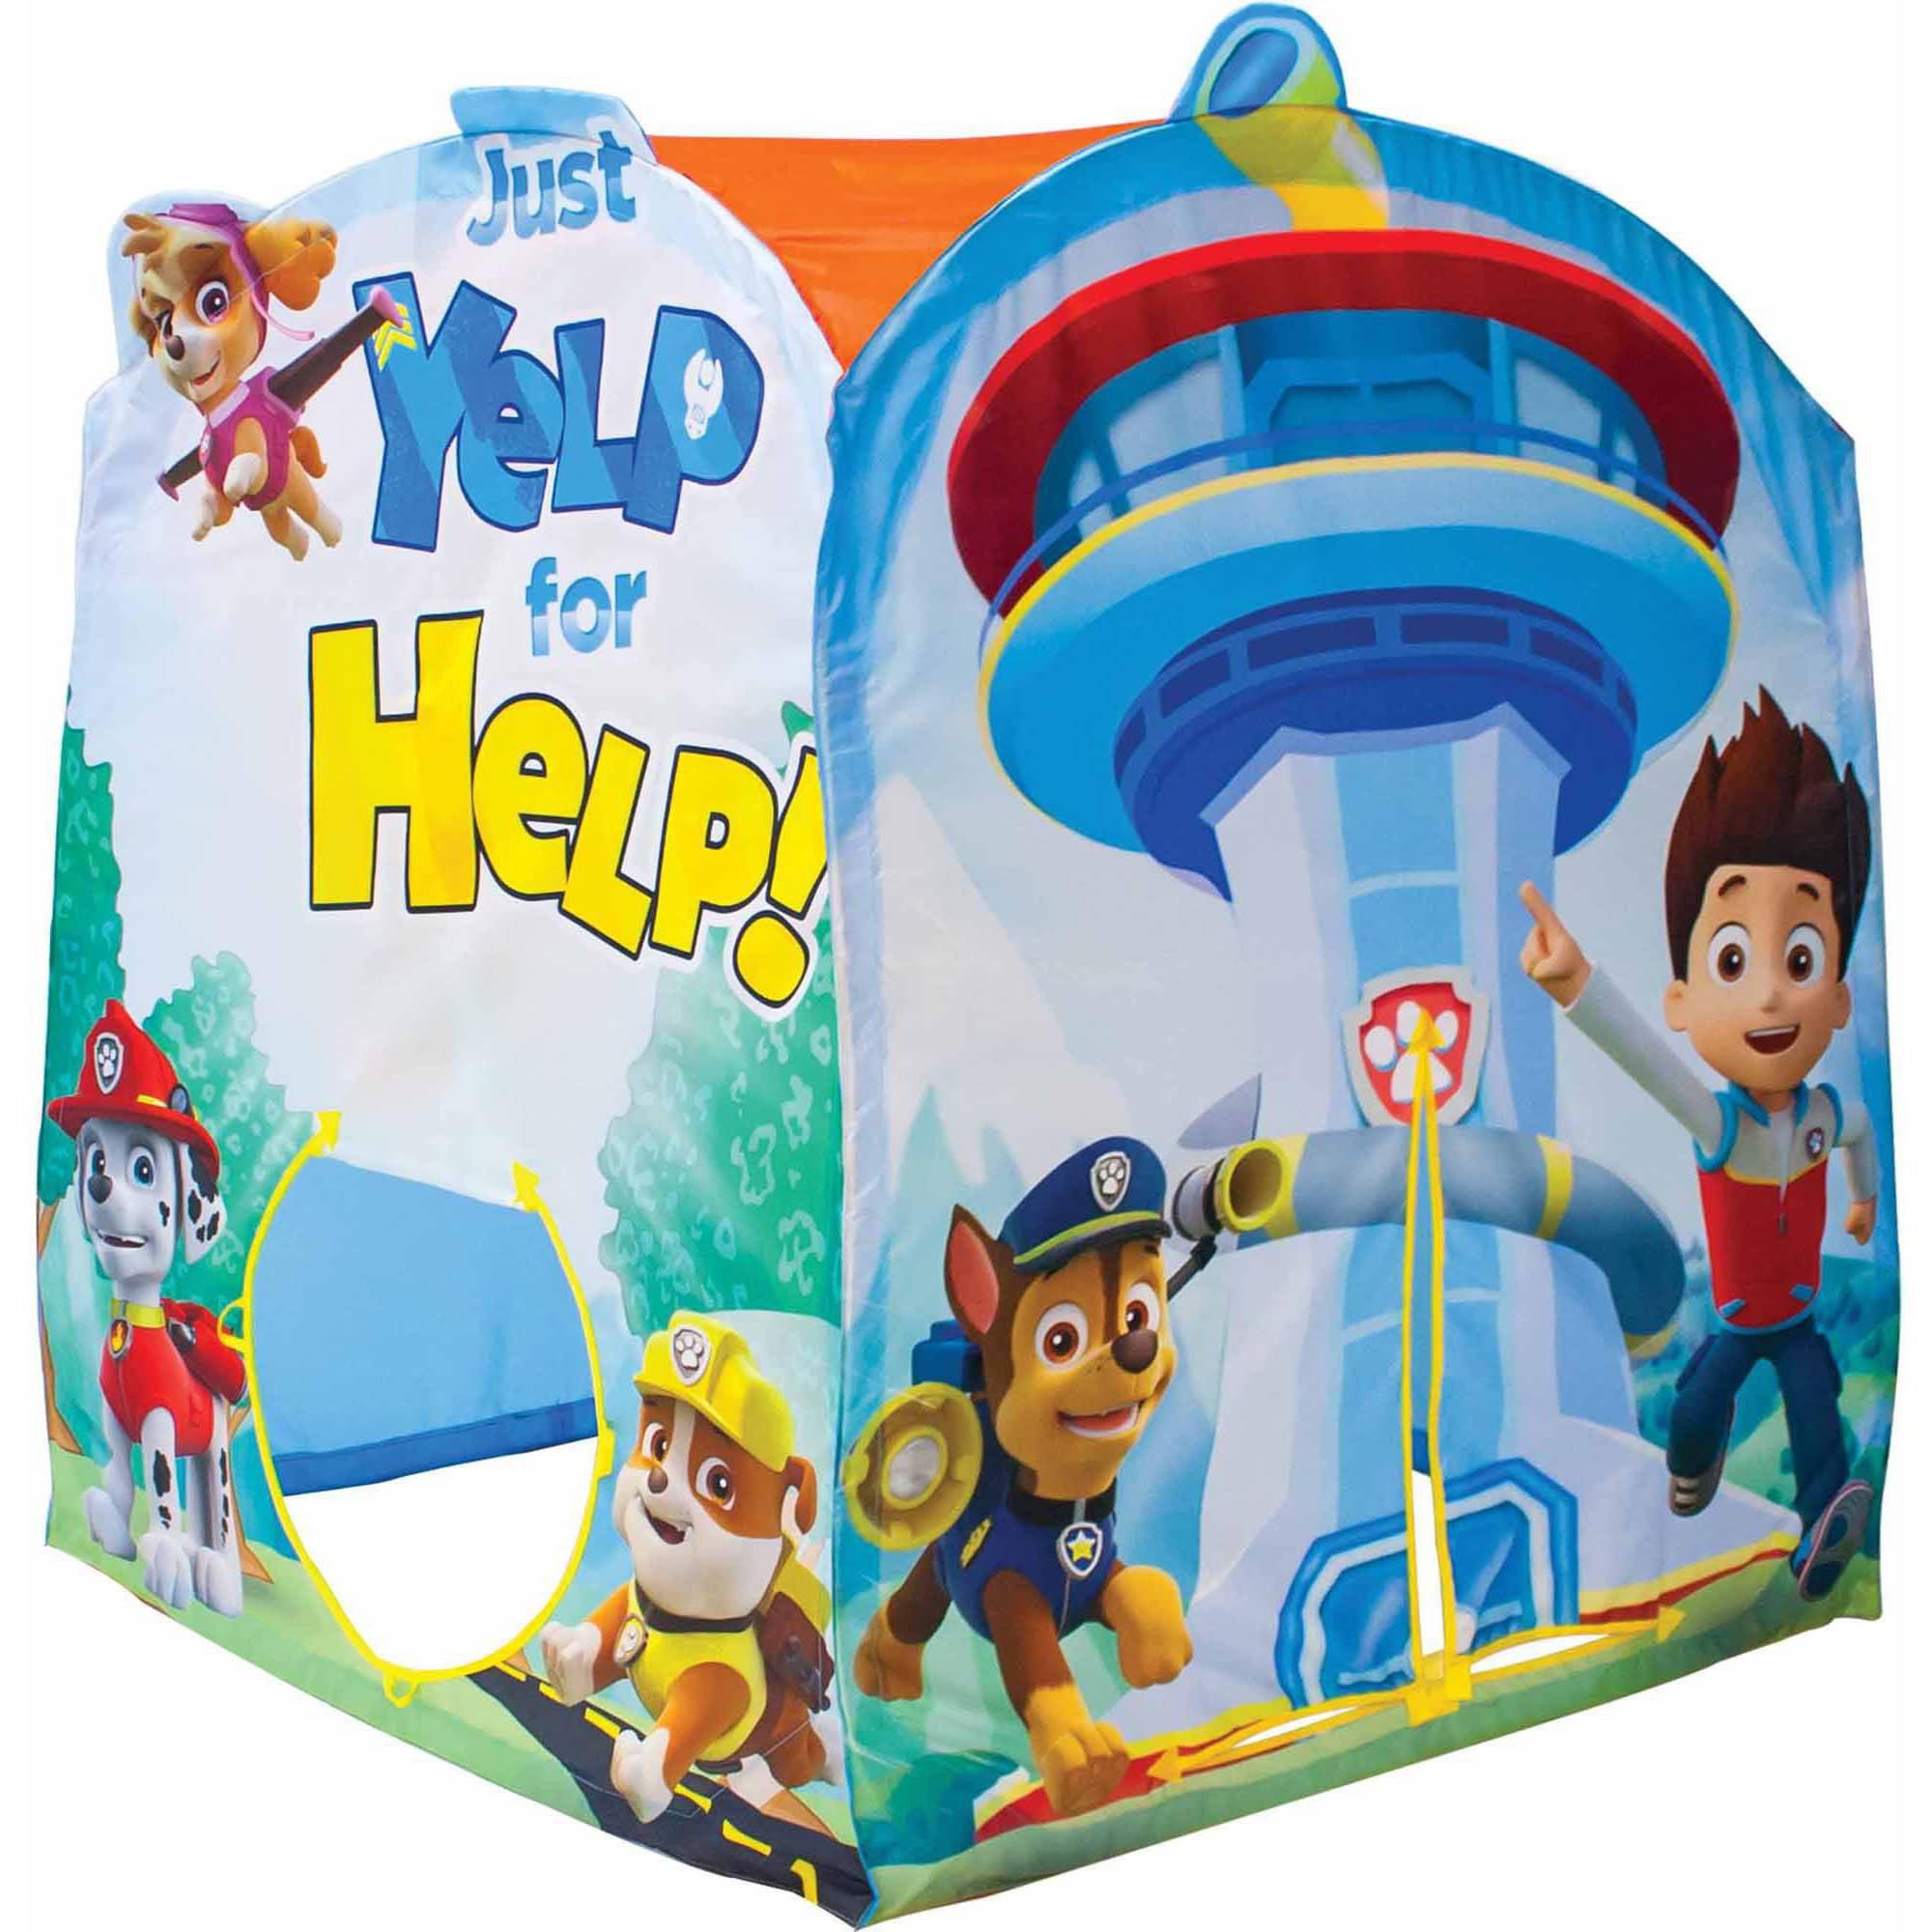 Playhut Nickelodeon Paw Patrol Make Believe N Play Tent